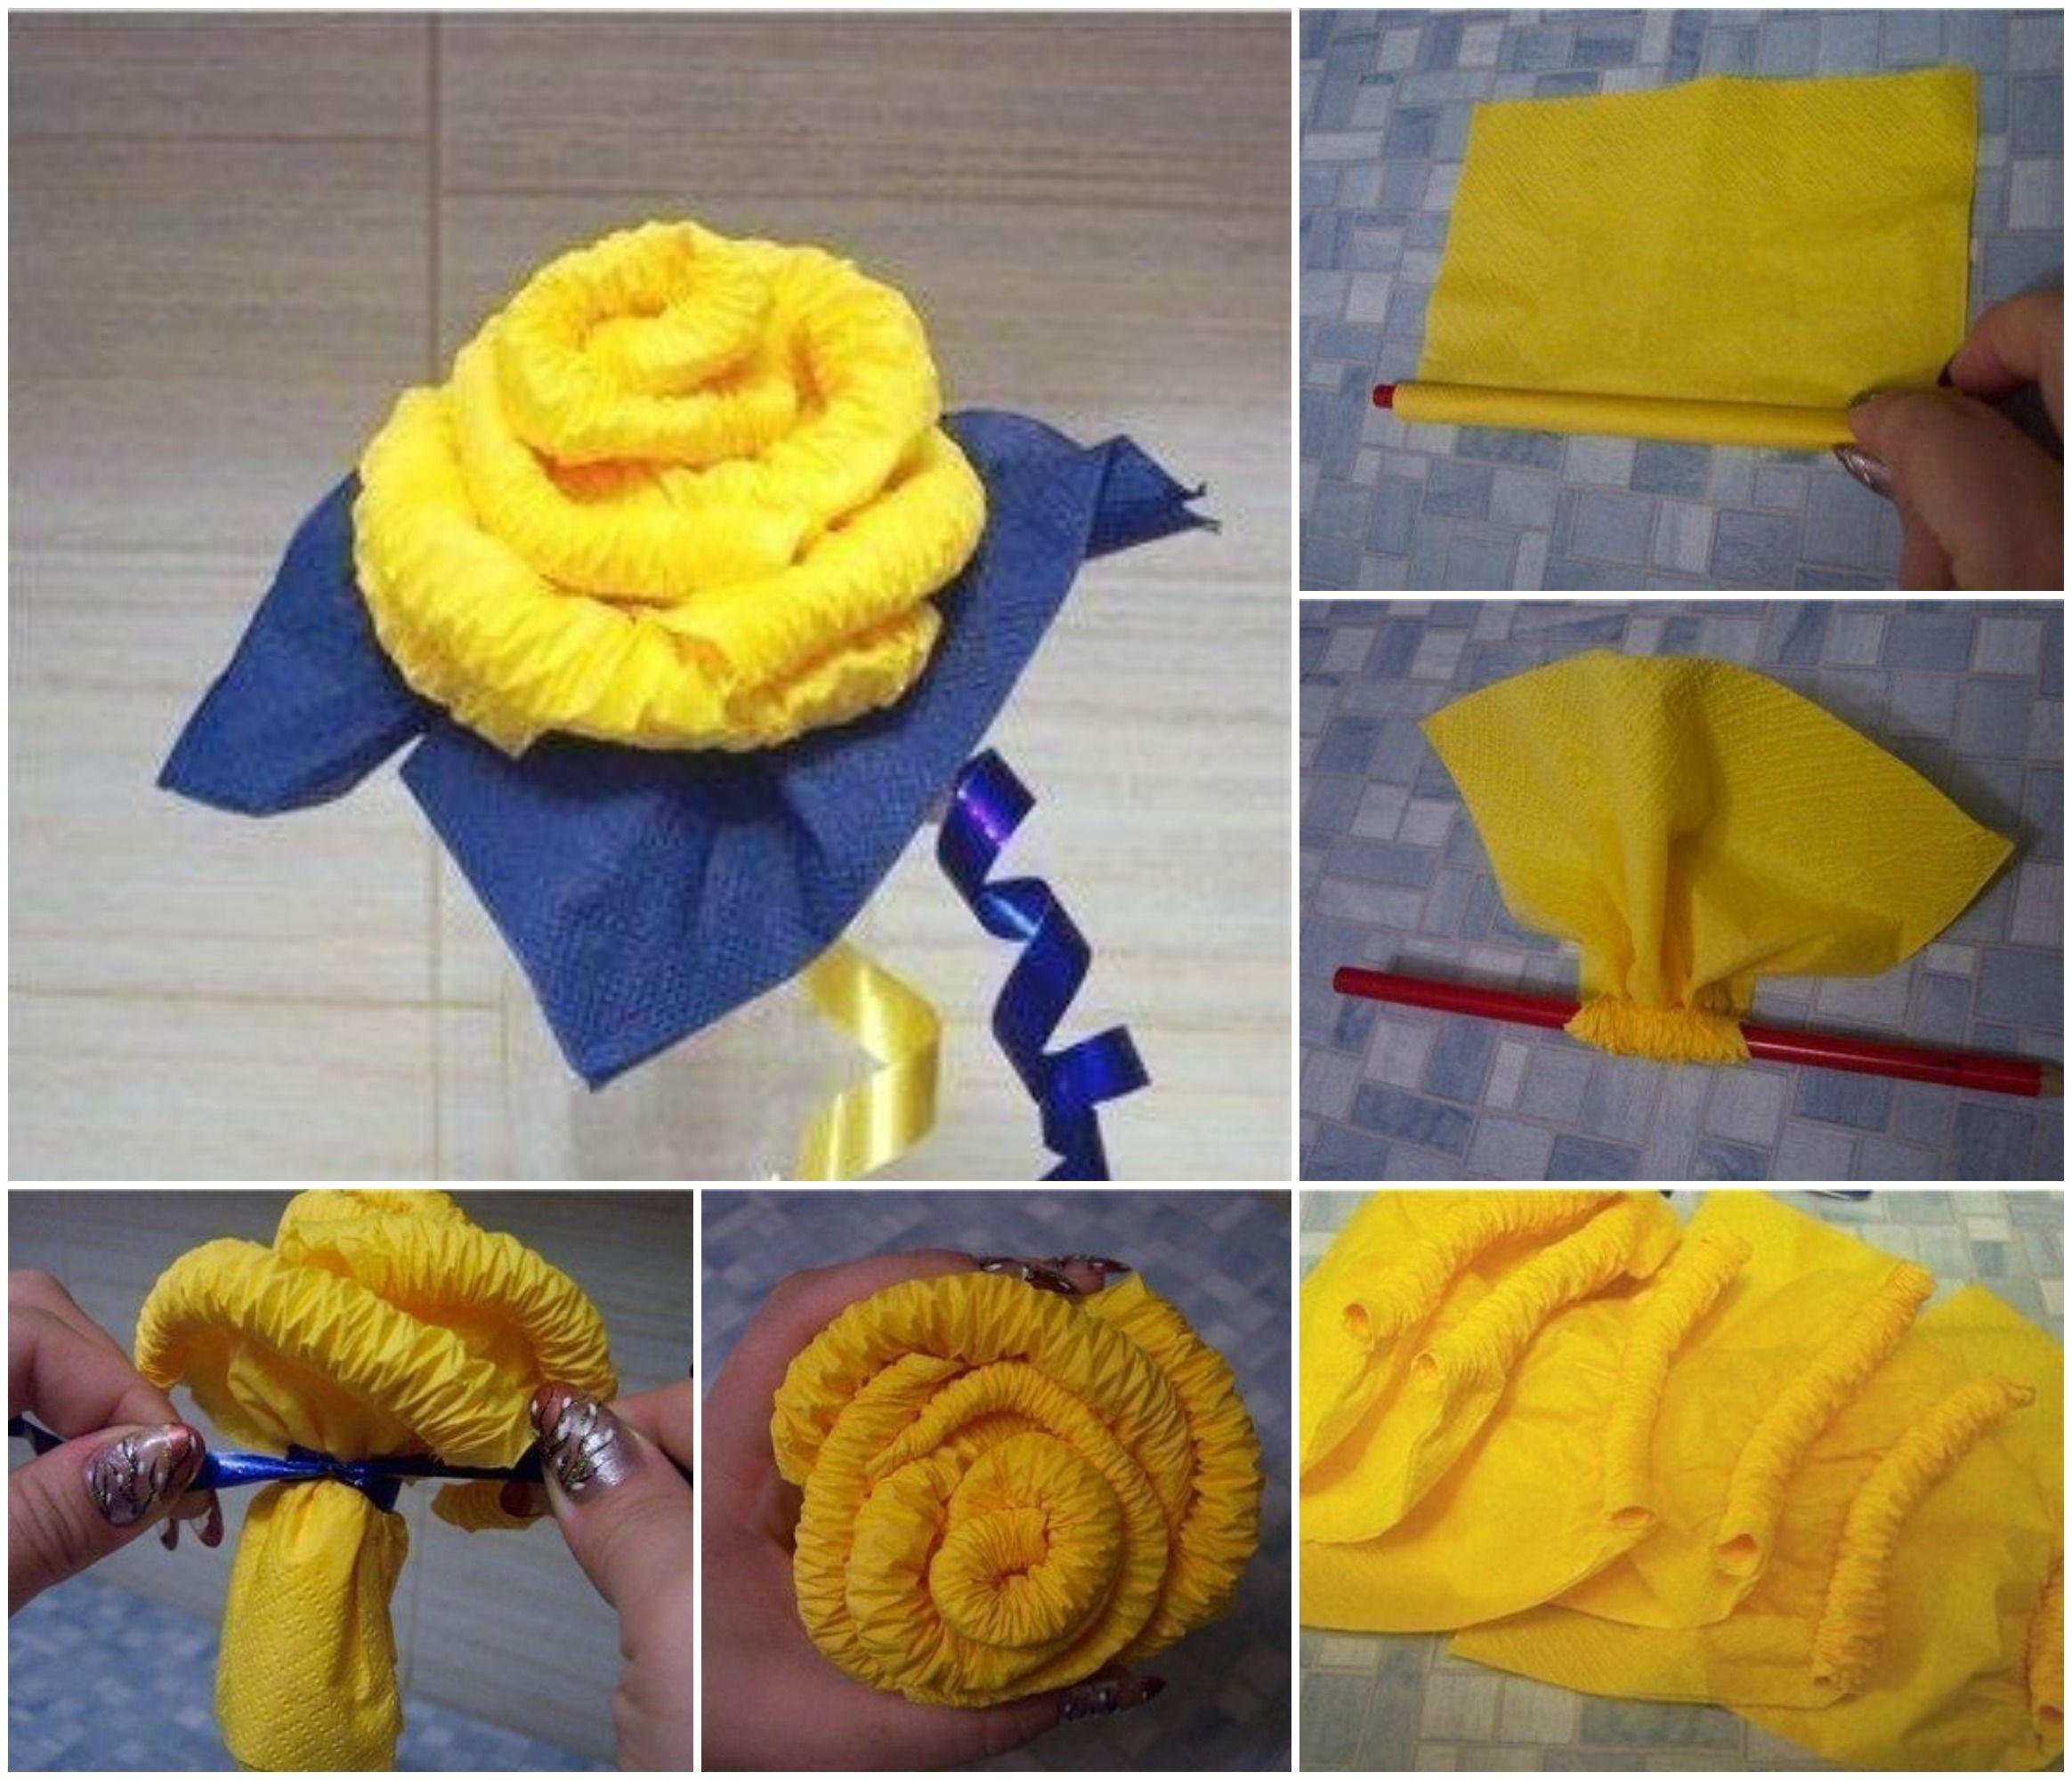 Como hacer rosas con servilletas de papel manualidades - Servilletas de papel decoradas para manualidades ...